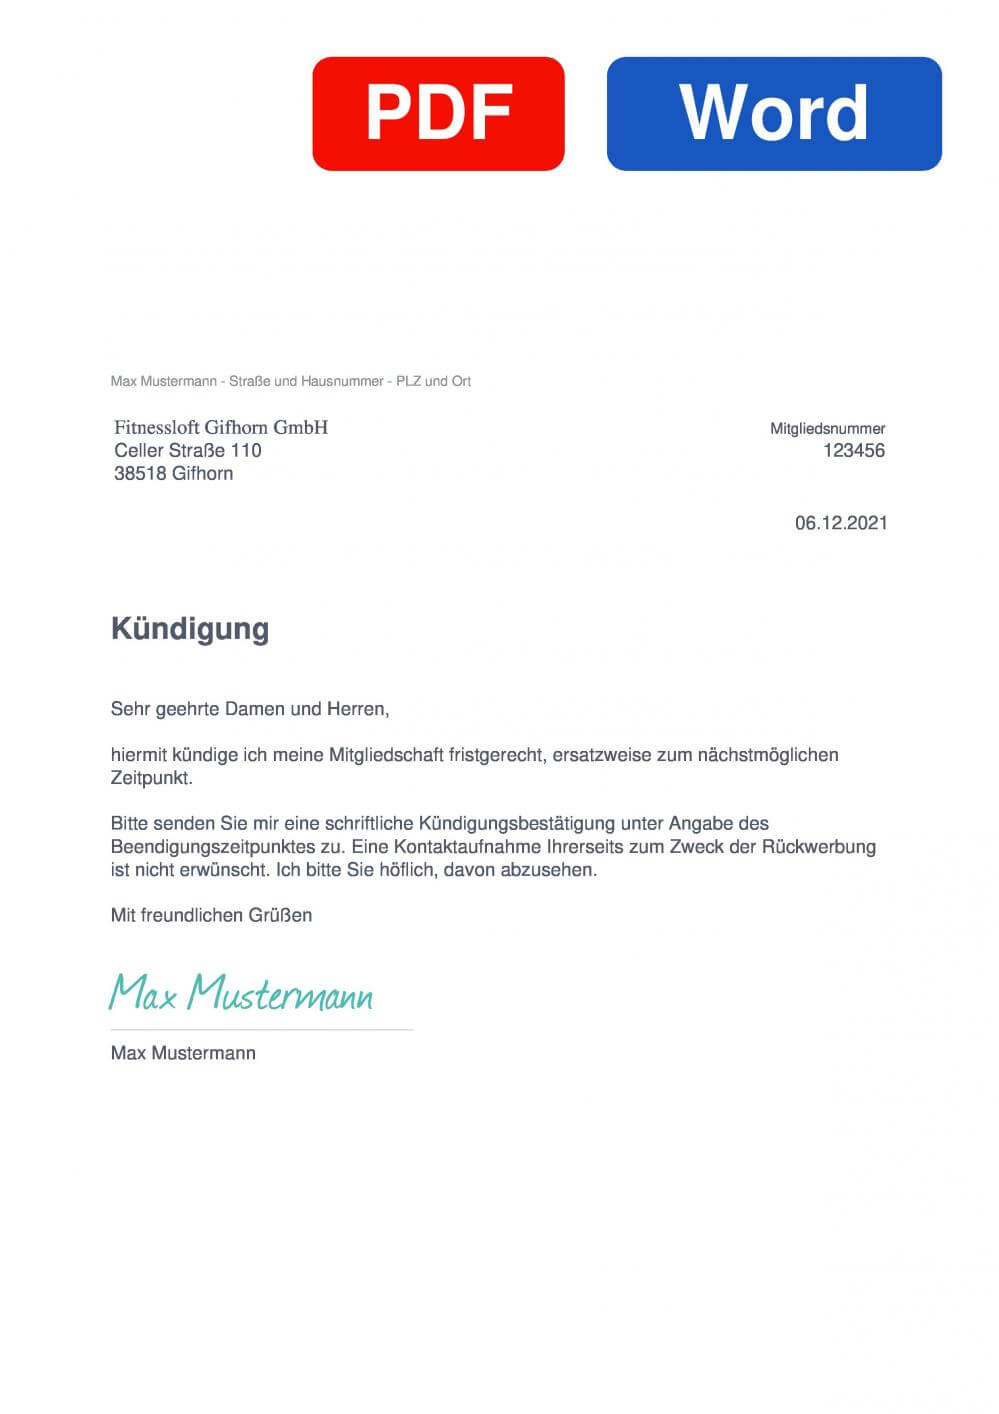 FitnessLOFT Gifhorn Muster Vorlage für Kündigungsschreiben